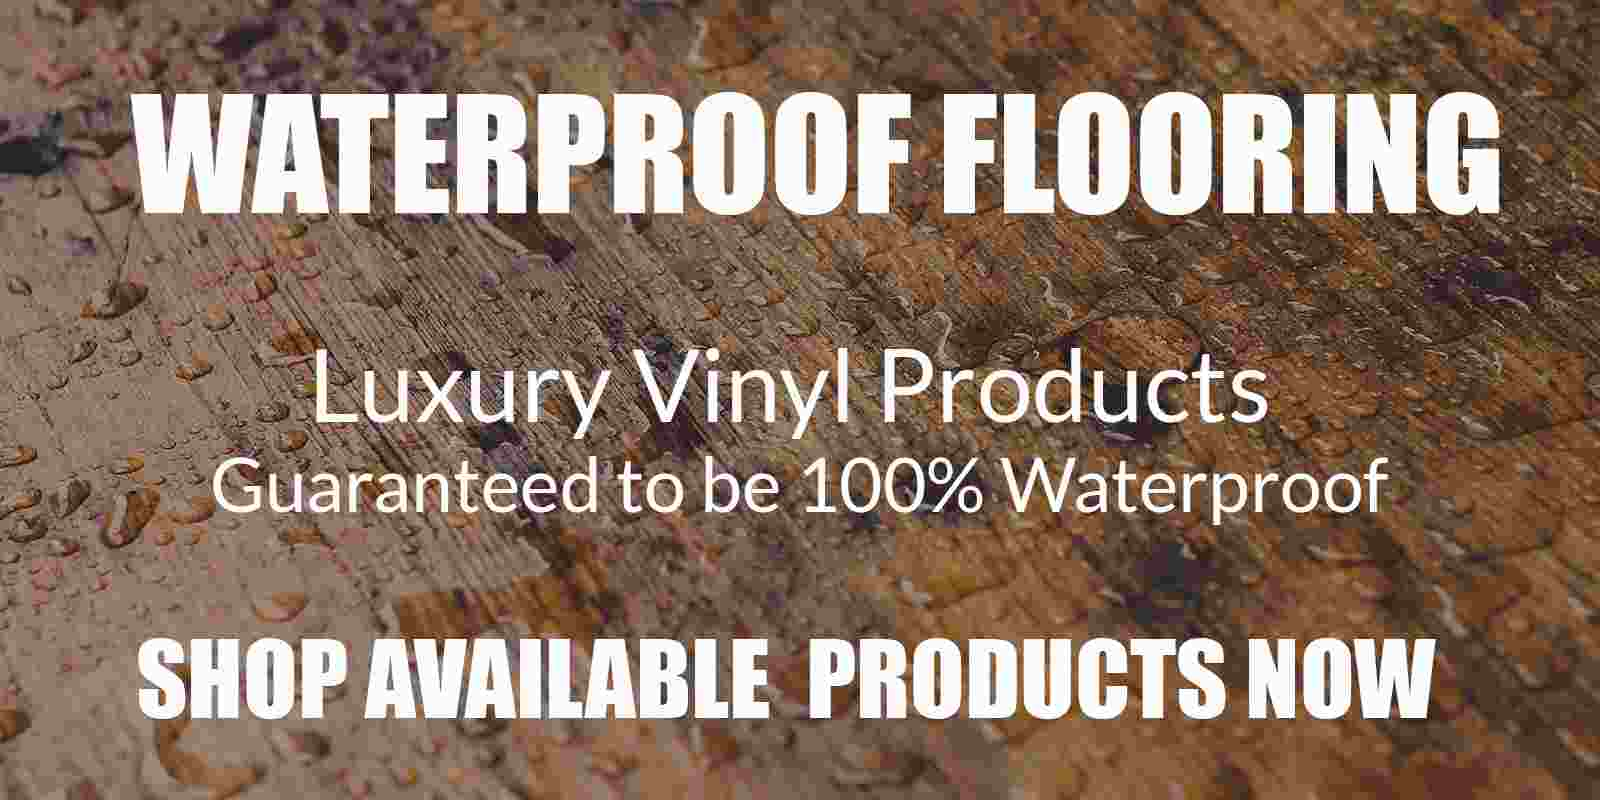 100% Waterproof Flooring from Georgia Carpet Industries.